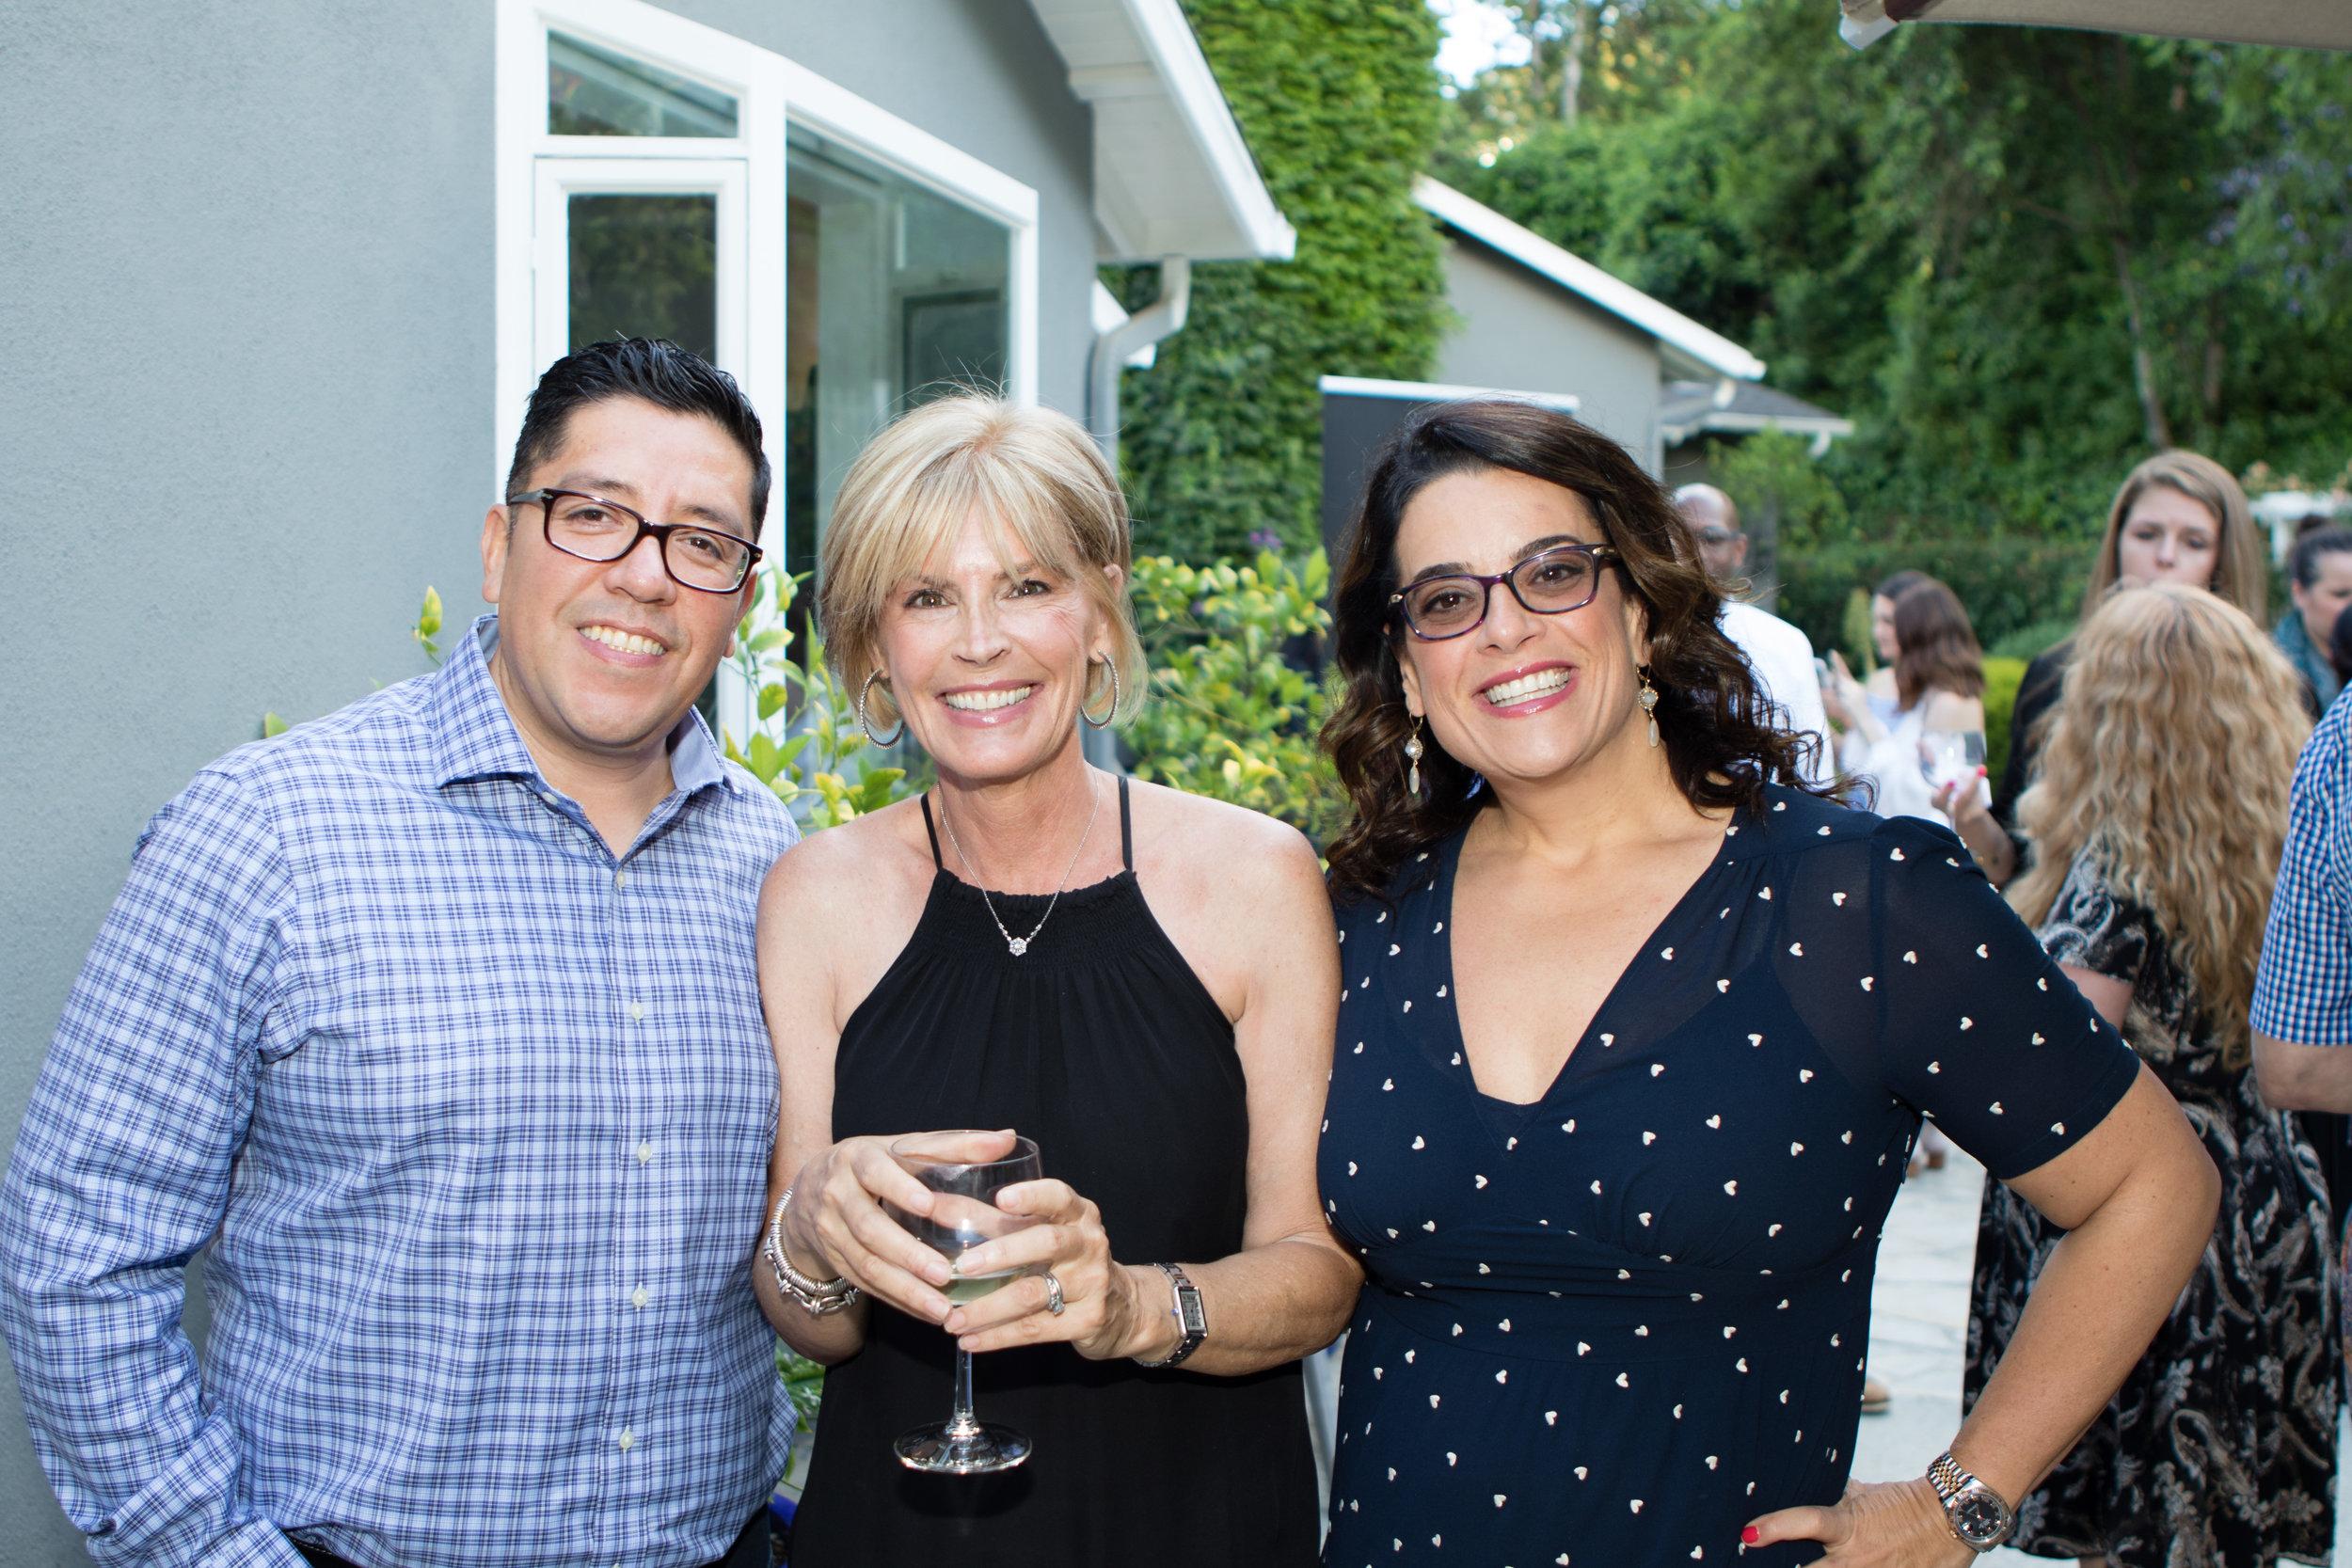 Felipe Lopez, Linda Grasso and Jess Weiner